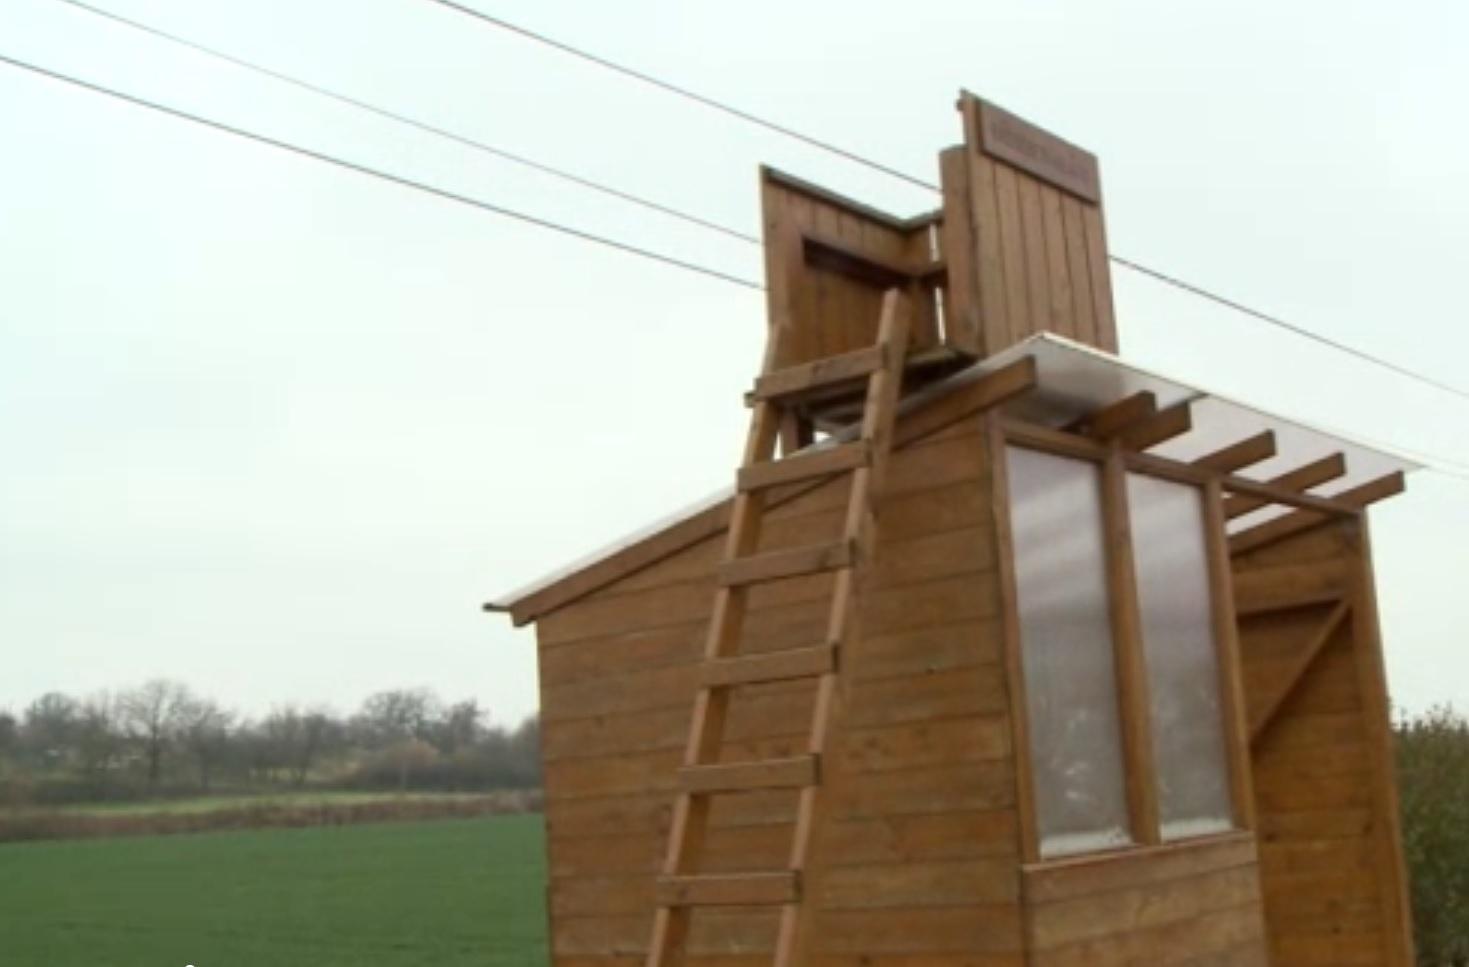 Magyar gógyi: kilátót építettek a buszmegálló tetejére, mert csak arra lehetett pályázni